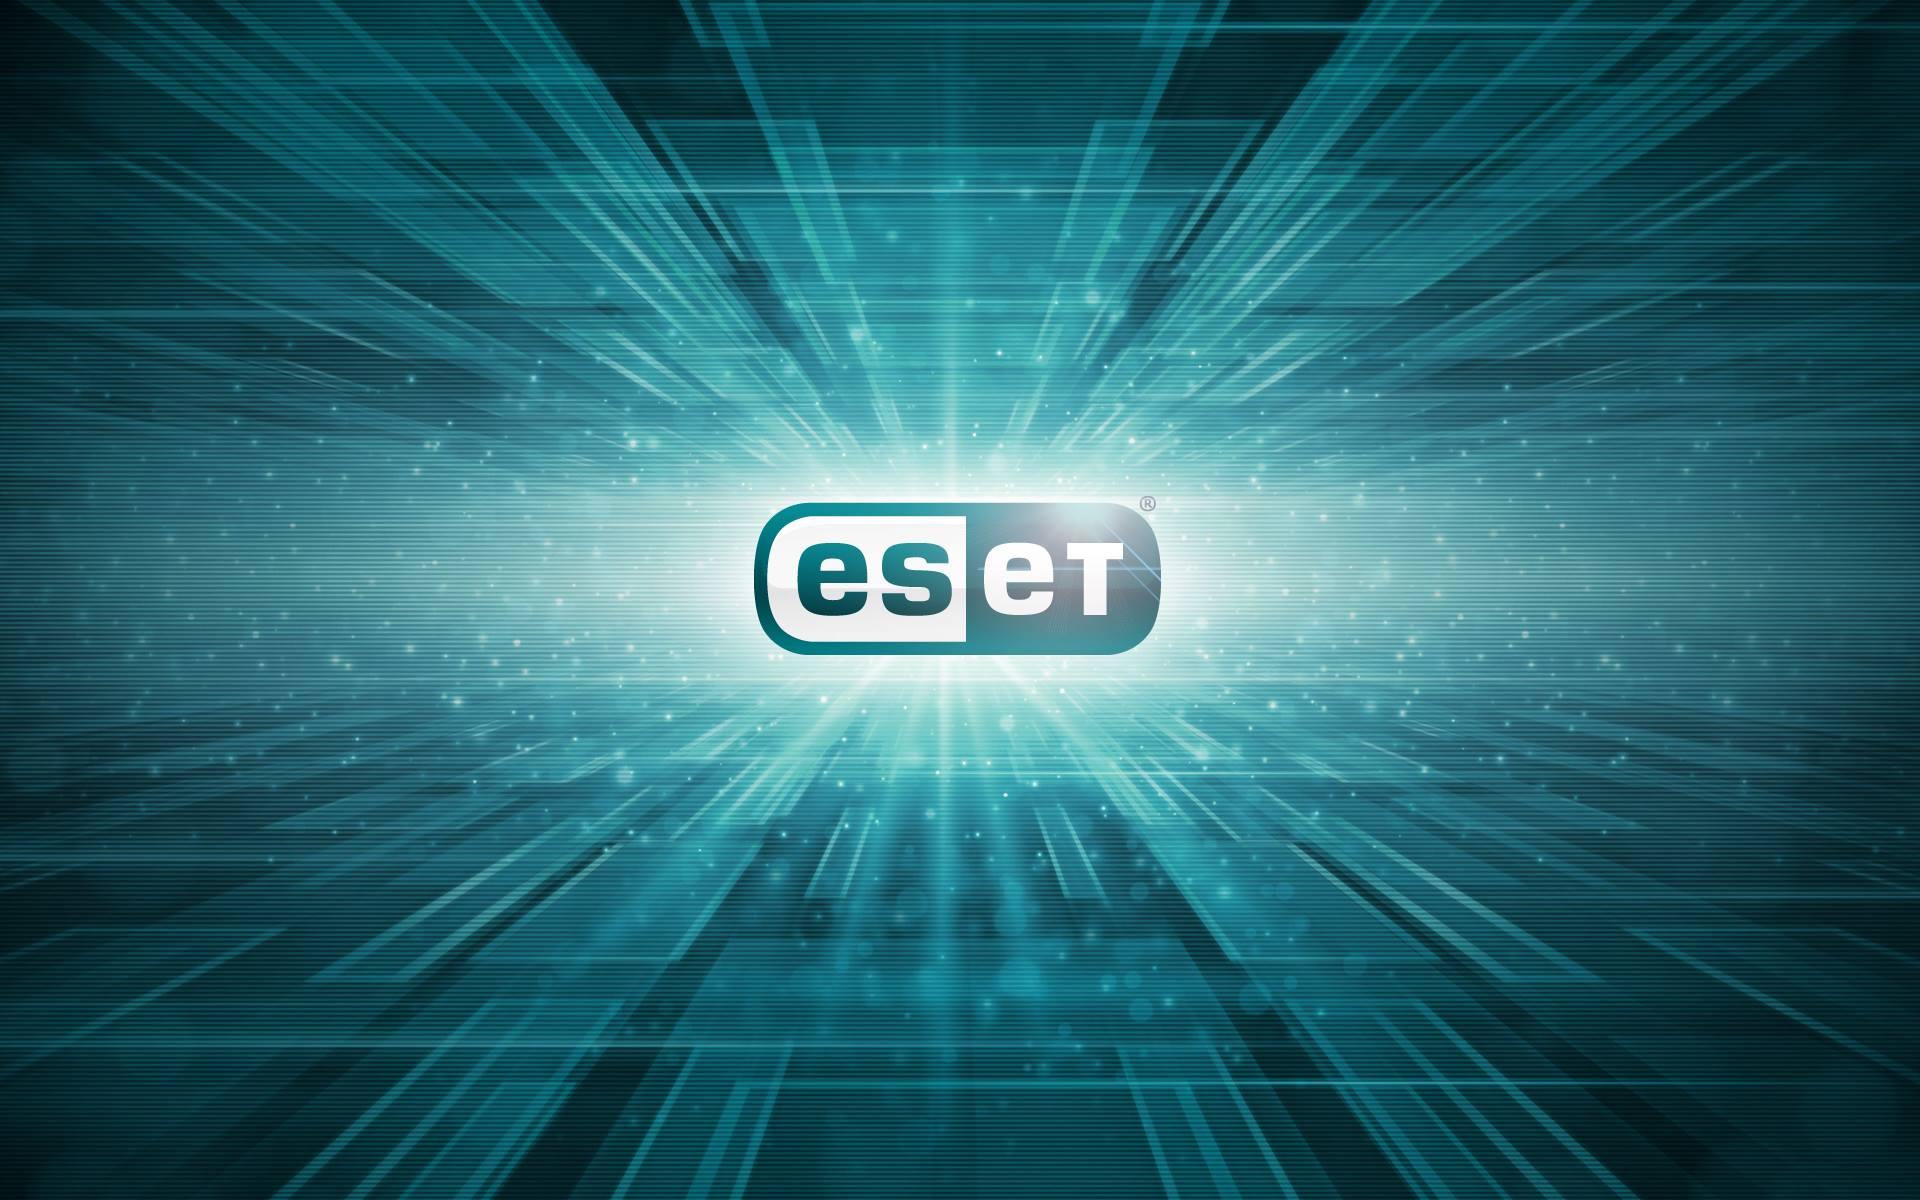 ESET: Aktuálně je největší hrozbou spyware zaměřený na krádeže hesel z prohlížečů